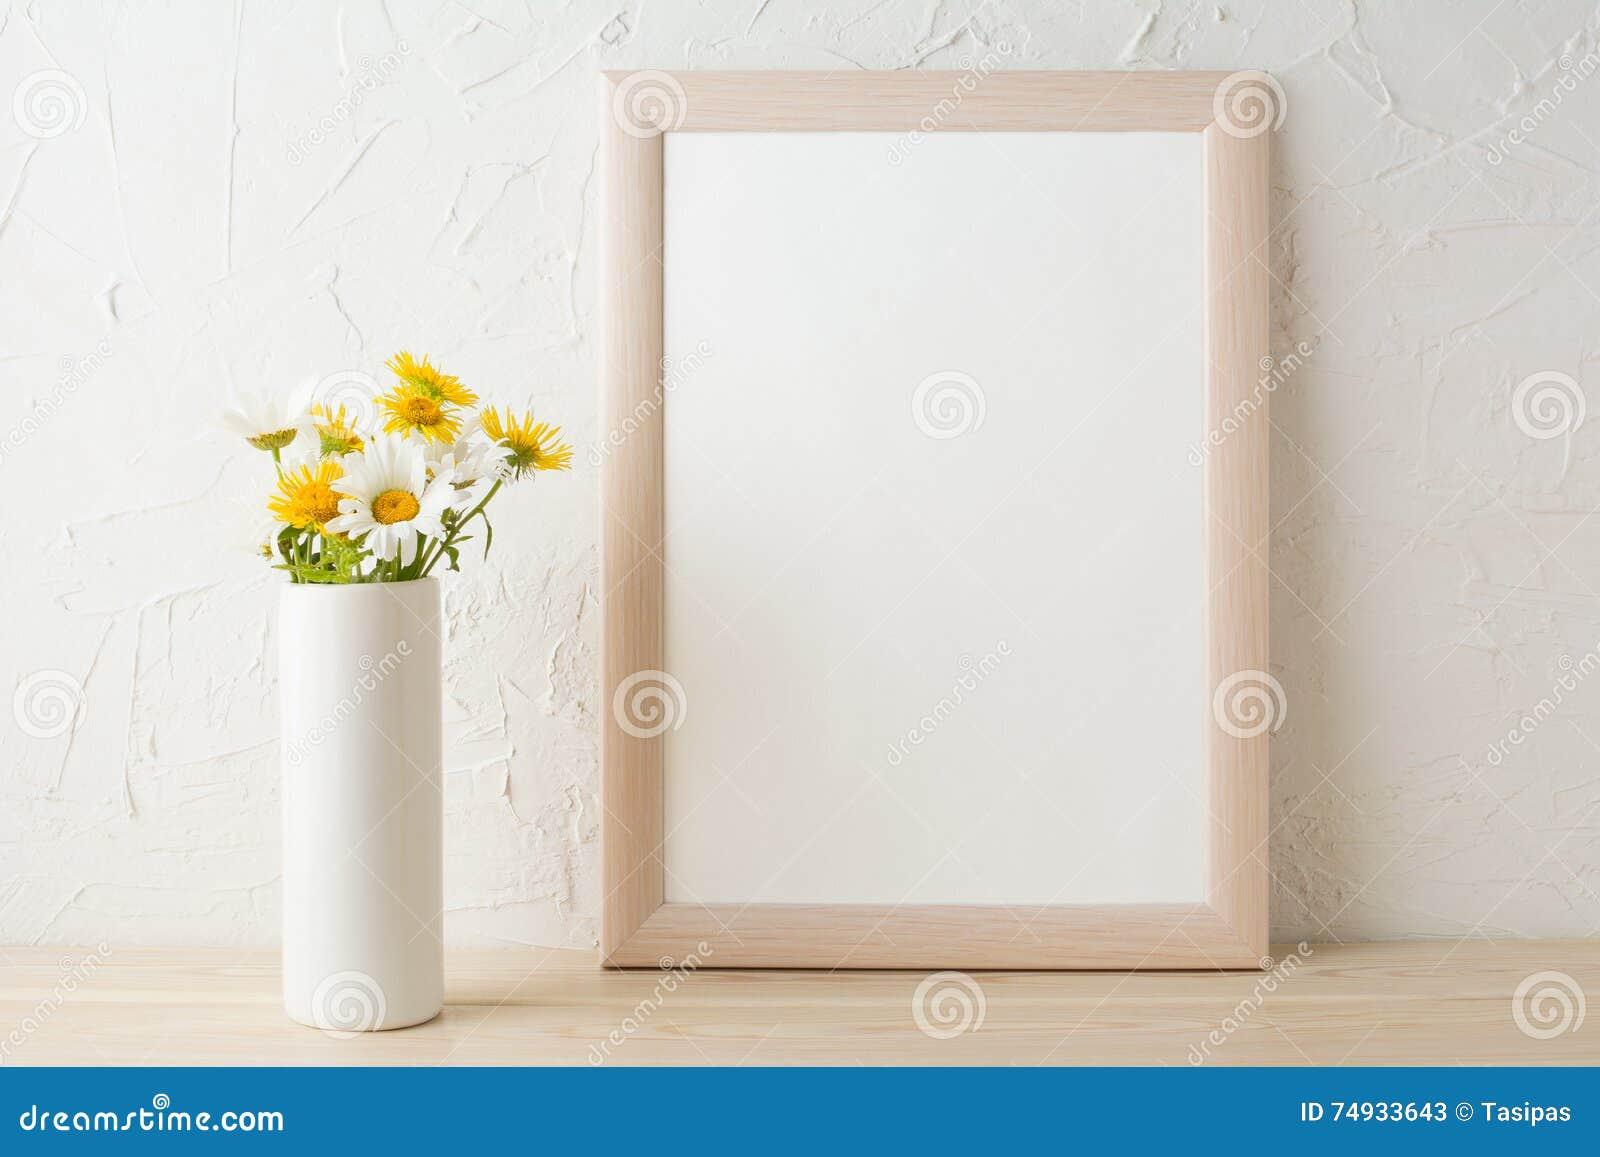 Inrama modellen med vita och gula kamomillar i vas